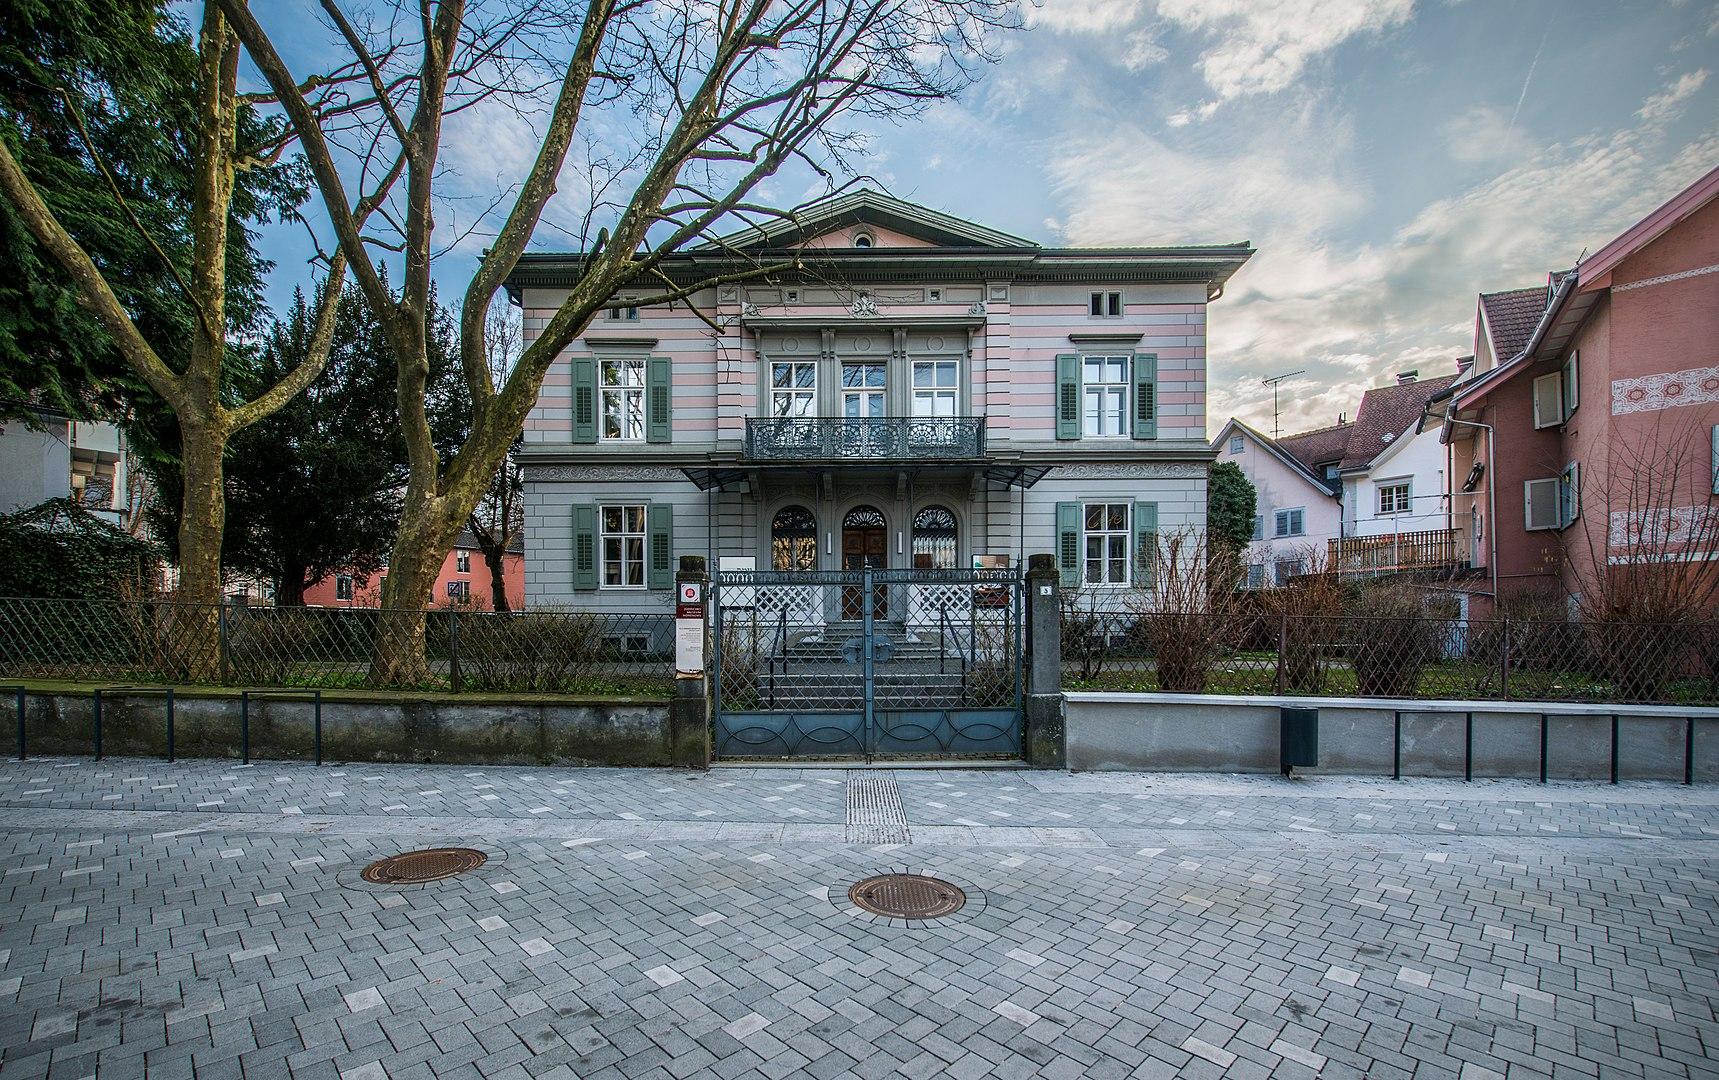 1719px-Schweizer_Straße_5_Hohenems_Jüdisches_Museum